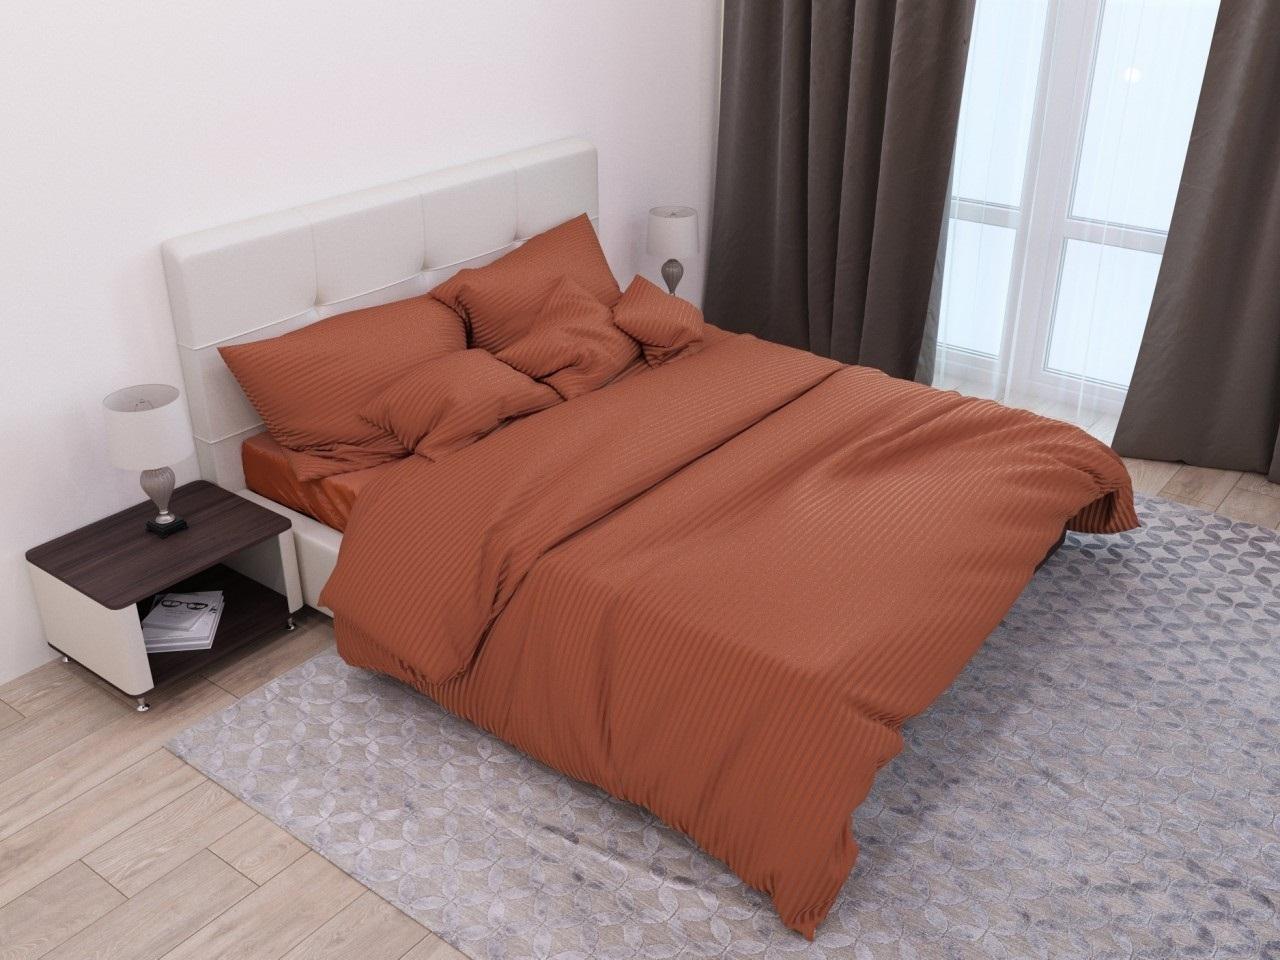 комплект постельного белья страйп-сатин ссс-1340